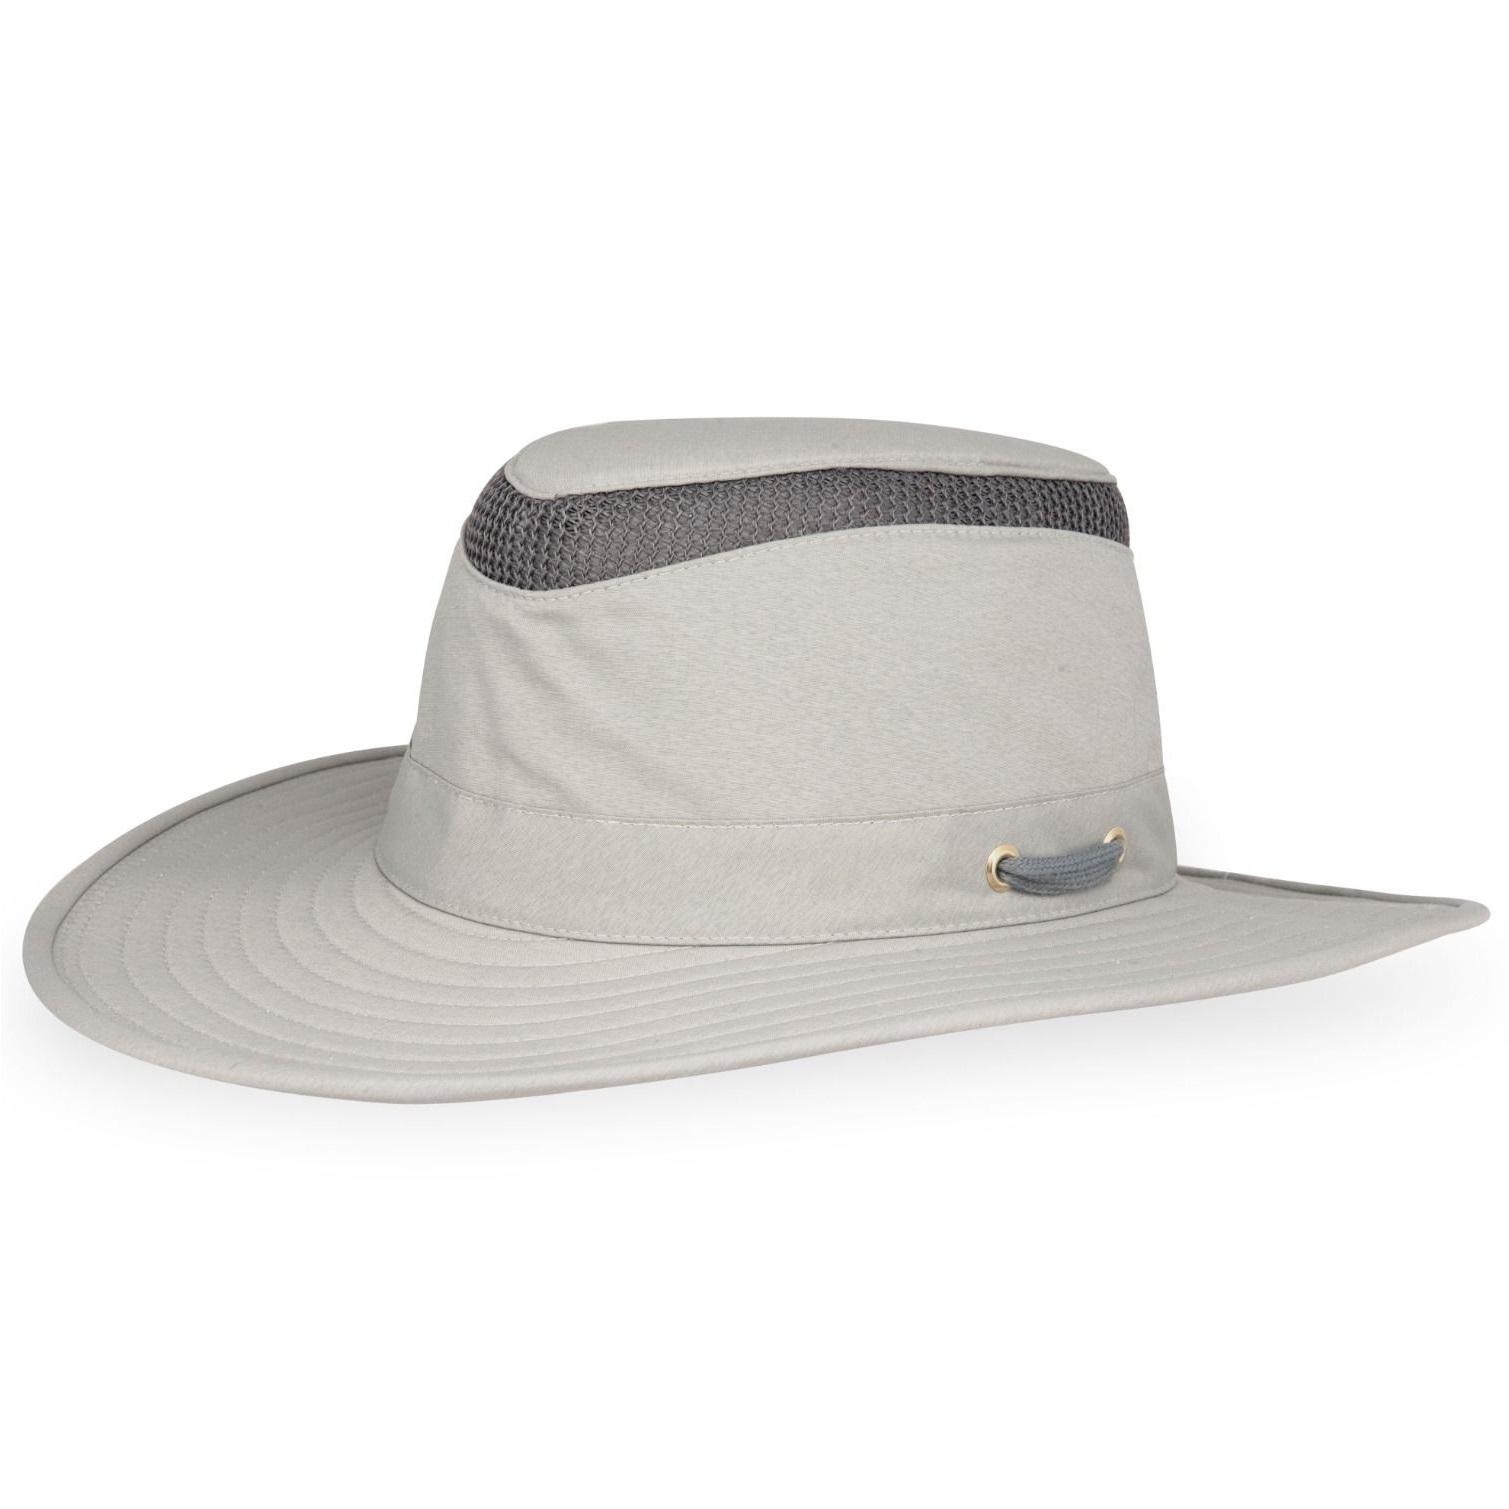 4ea13823927ea Tilley Hats - LTM6 AIRFLO® Nylamtium® Broad Brim - Rock Face